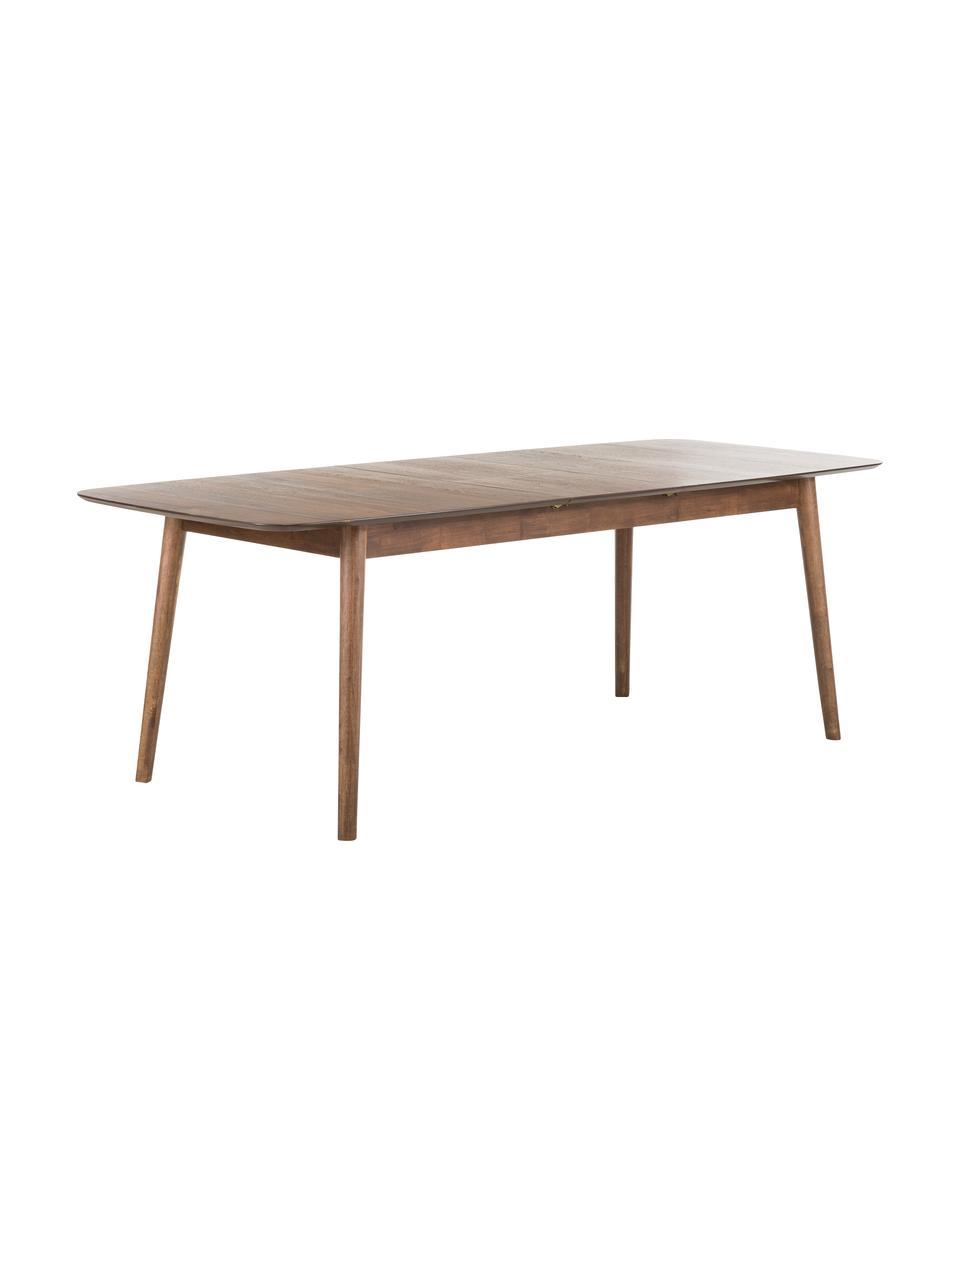 Table extensible bois Montreux, 180 - 220 x 90 cm, Plateau: noyer Pieds: teinté brun foncé